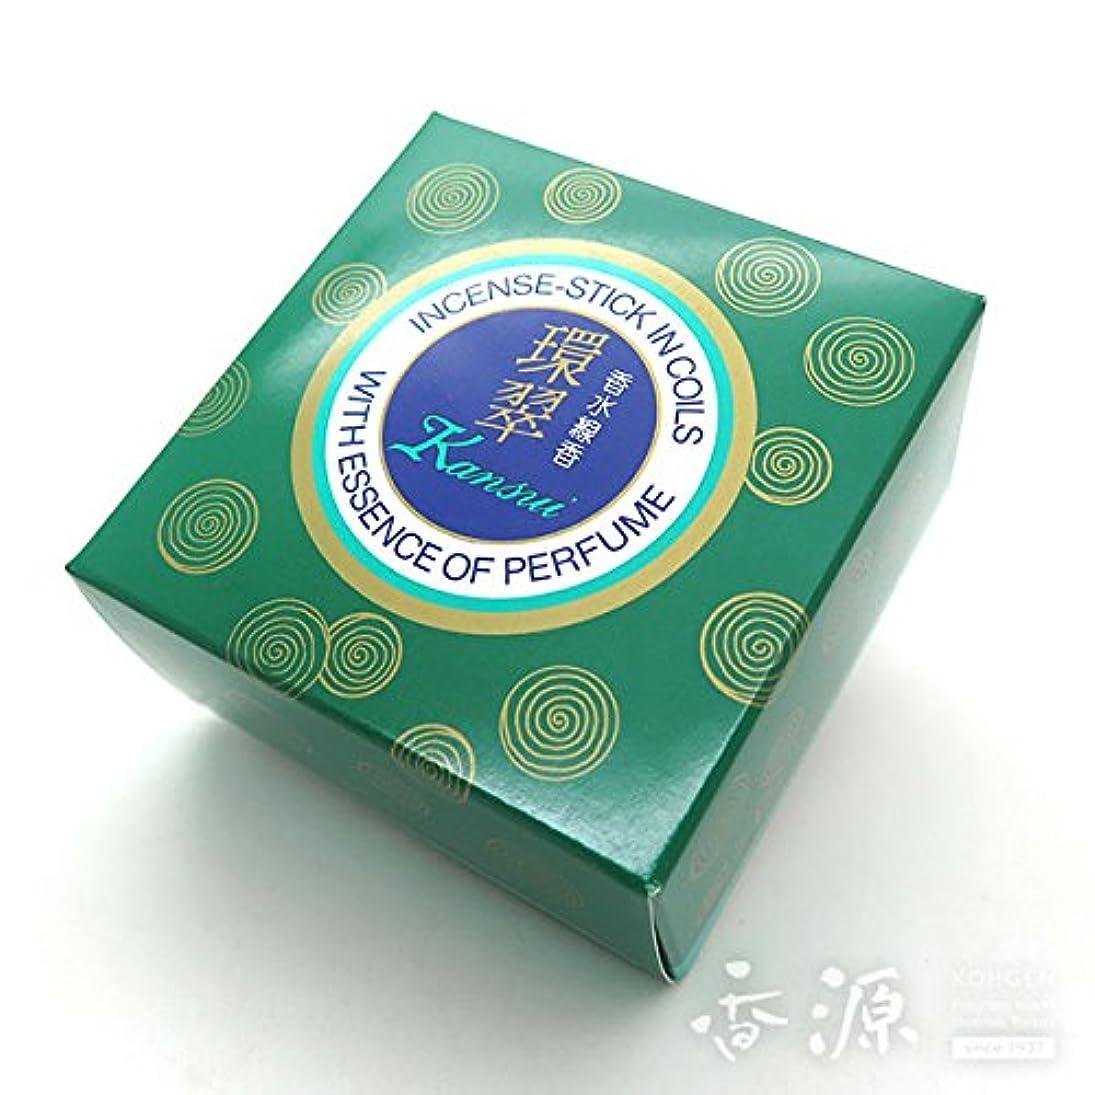 ペルソナ特殊リゾート薫明堂のお香 環翠(かんすい) 渦巻 14枚入